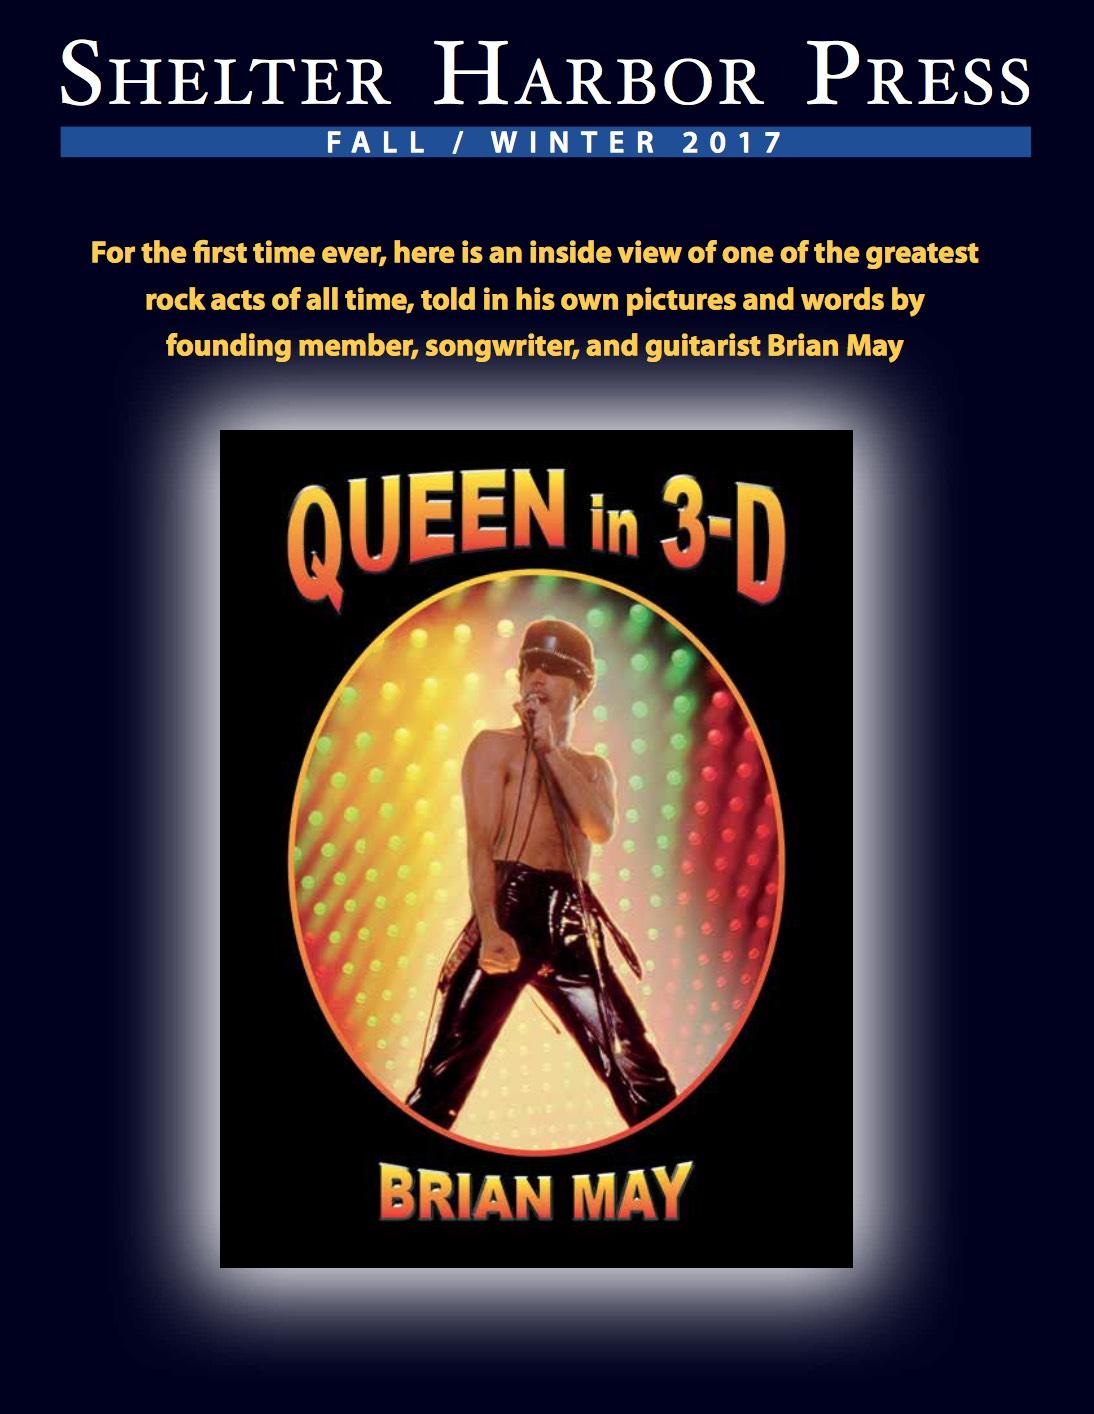 Queen in 3-D, Shelter Harbor Press